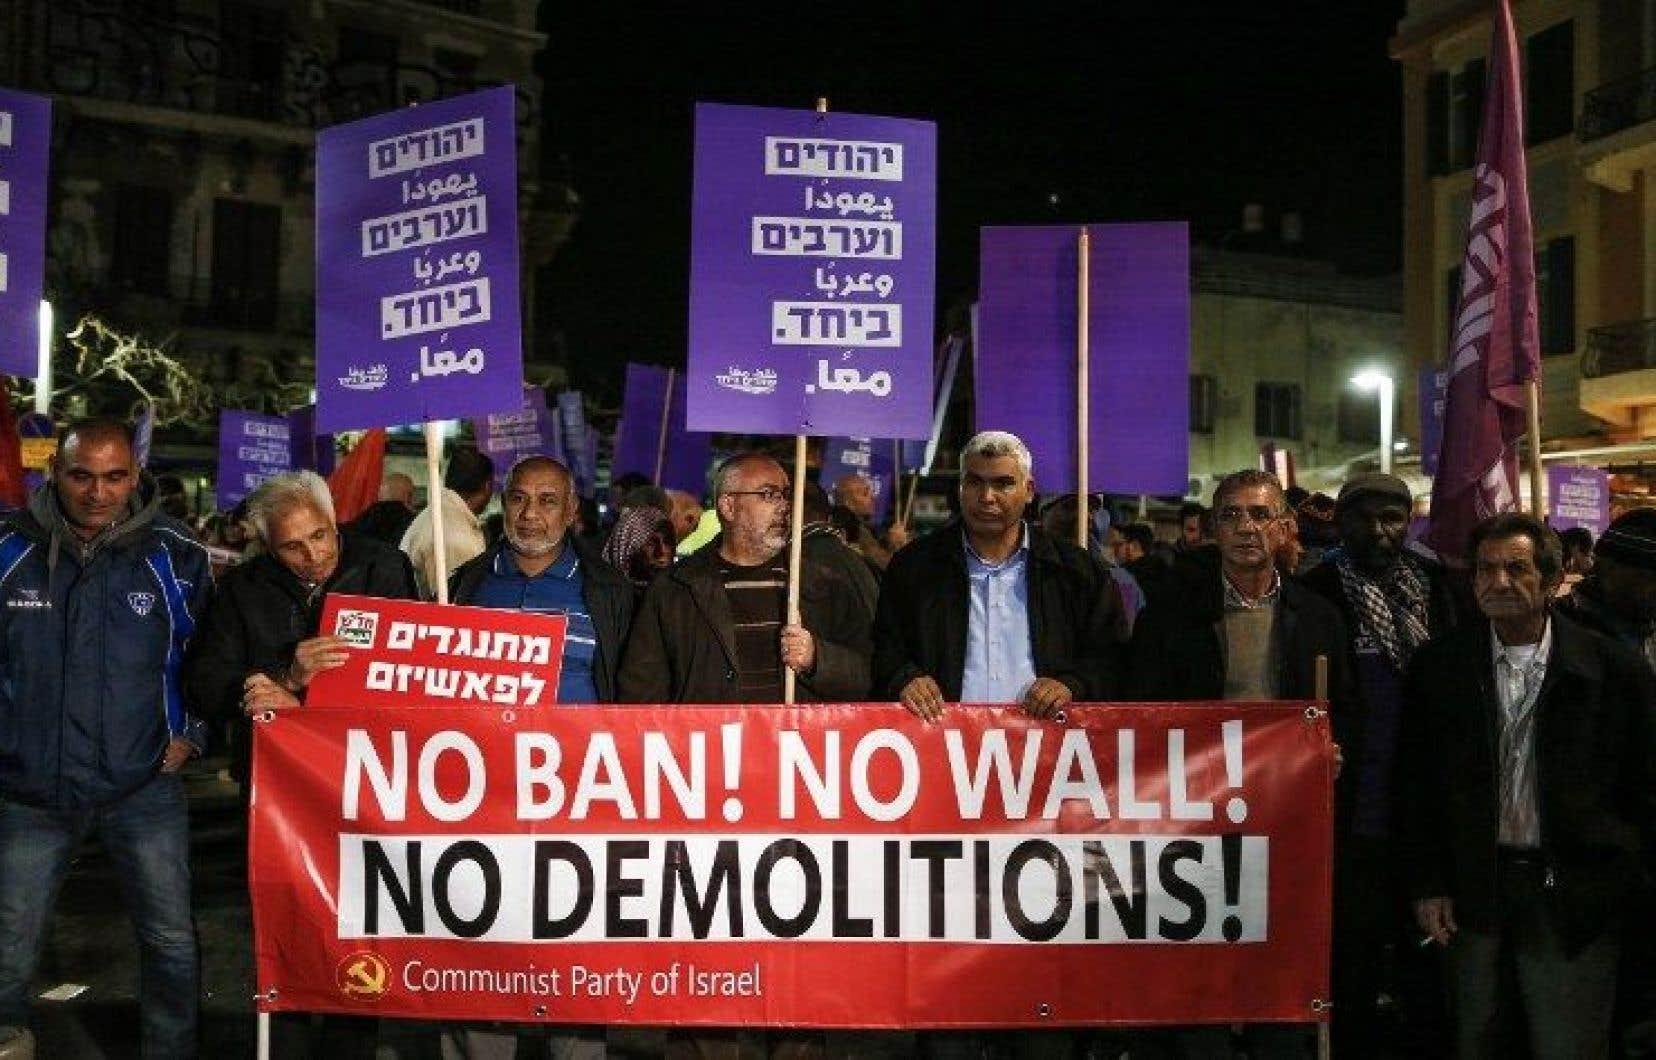 Environ 1000 personnes ont pris part à l'évènement, certains arborant des banderoles sur lesquelles on pouvait lire en arabe et en hébreu «Juifs et Arabes ensemble».